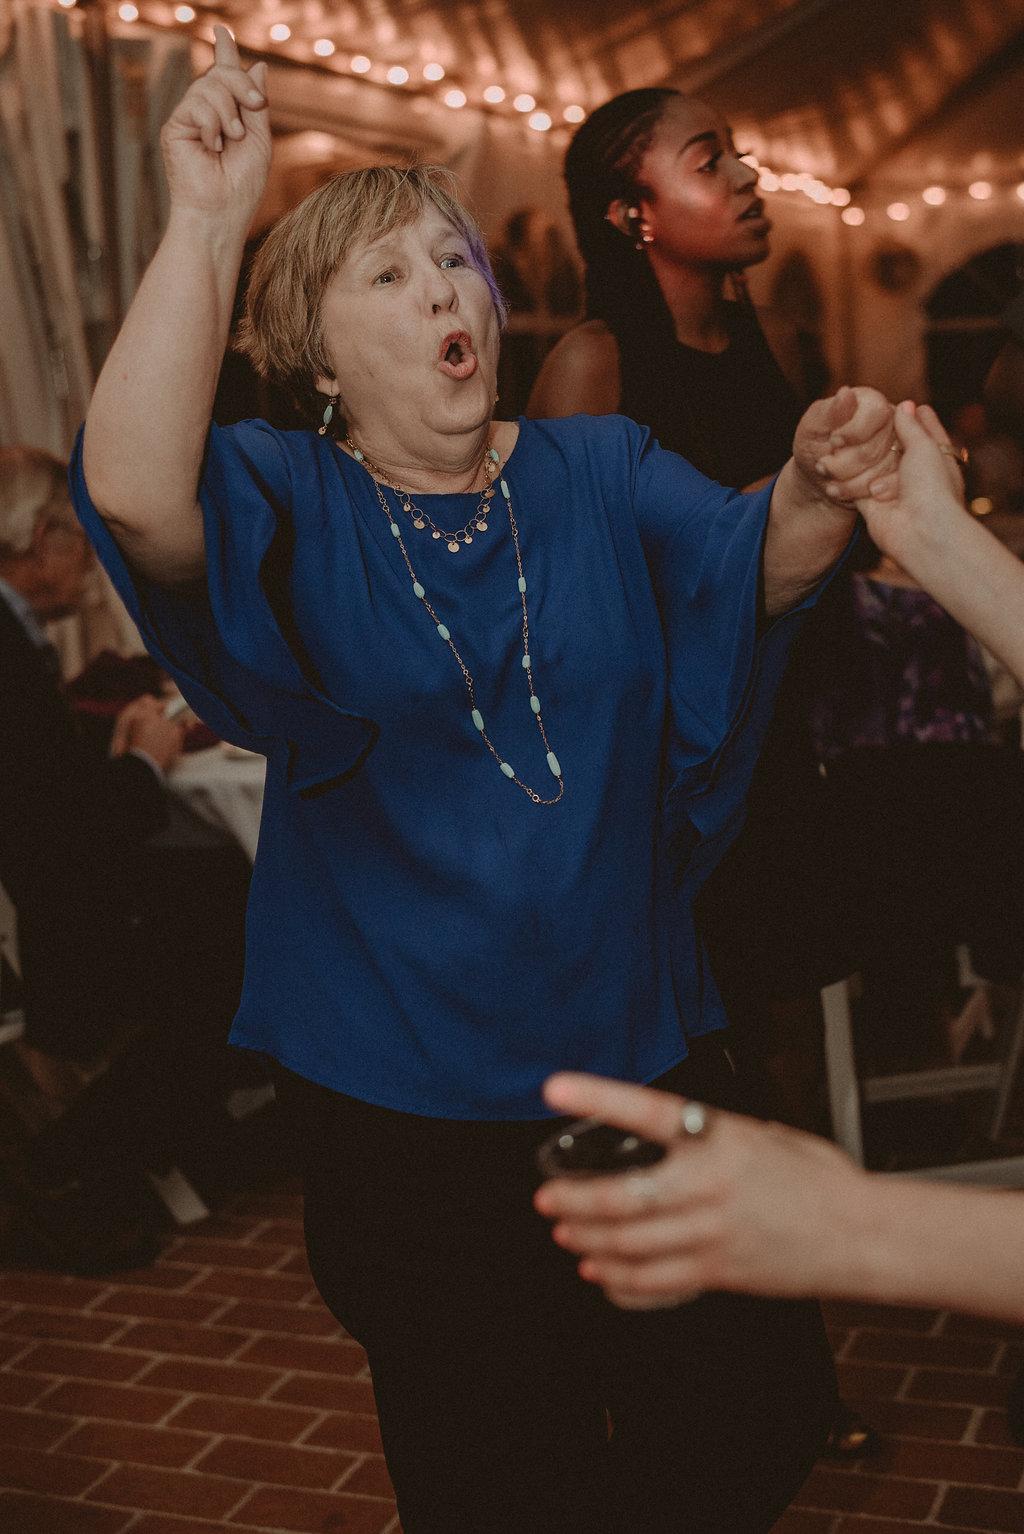 Dancing wedding guest